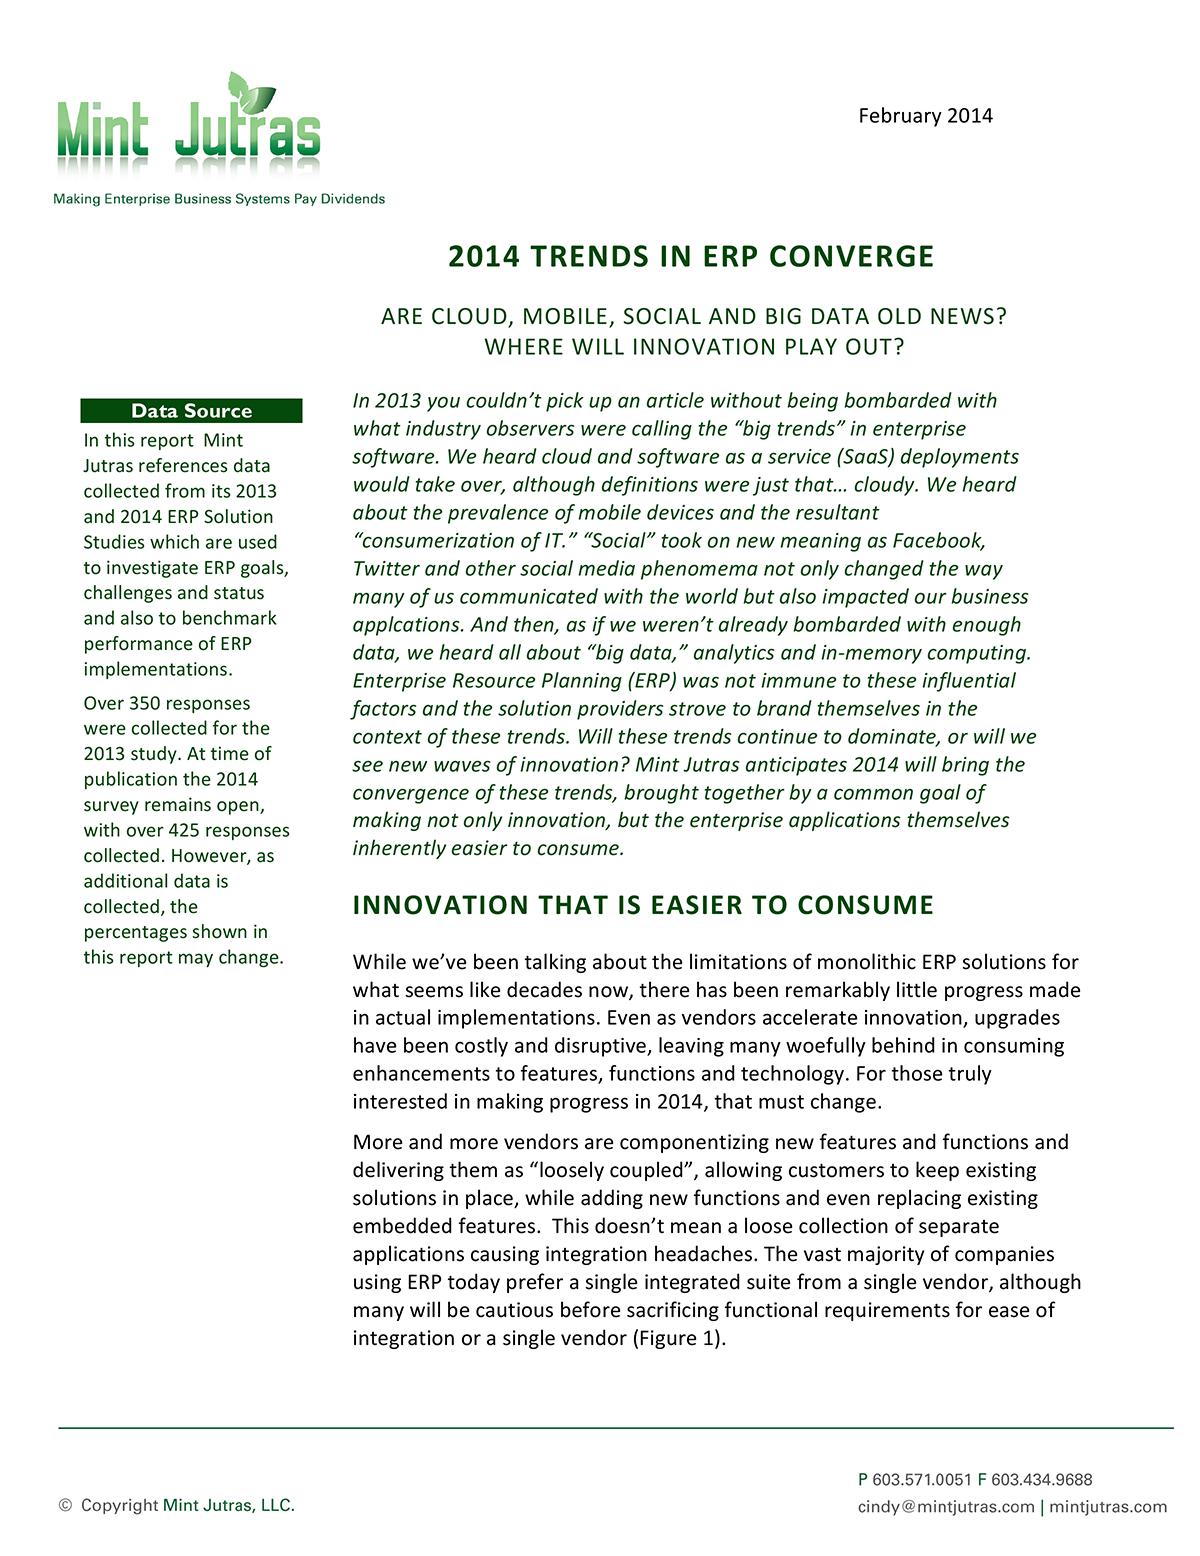 2014 Trends in ERP Converge